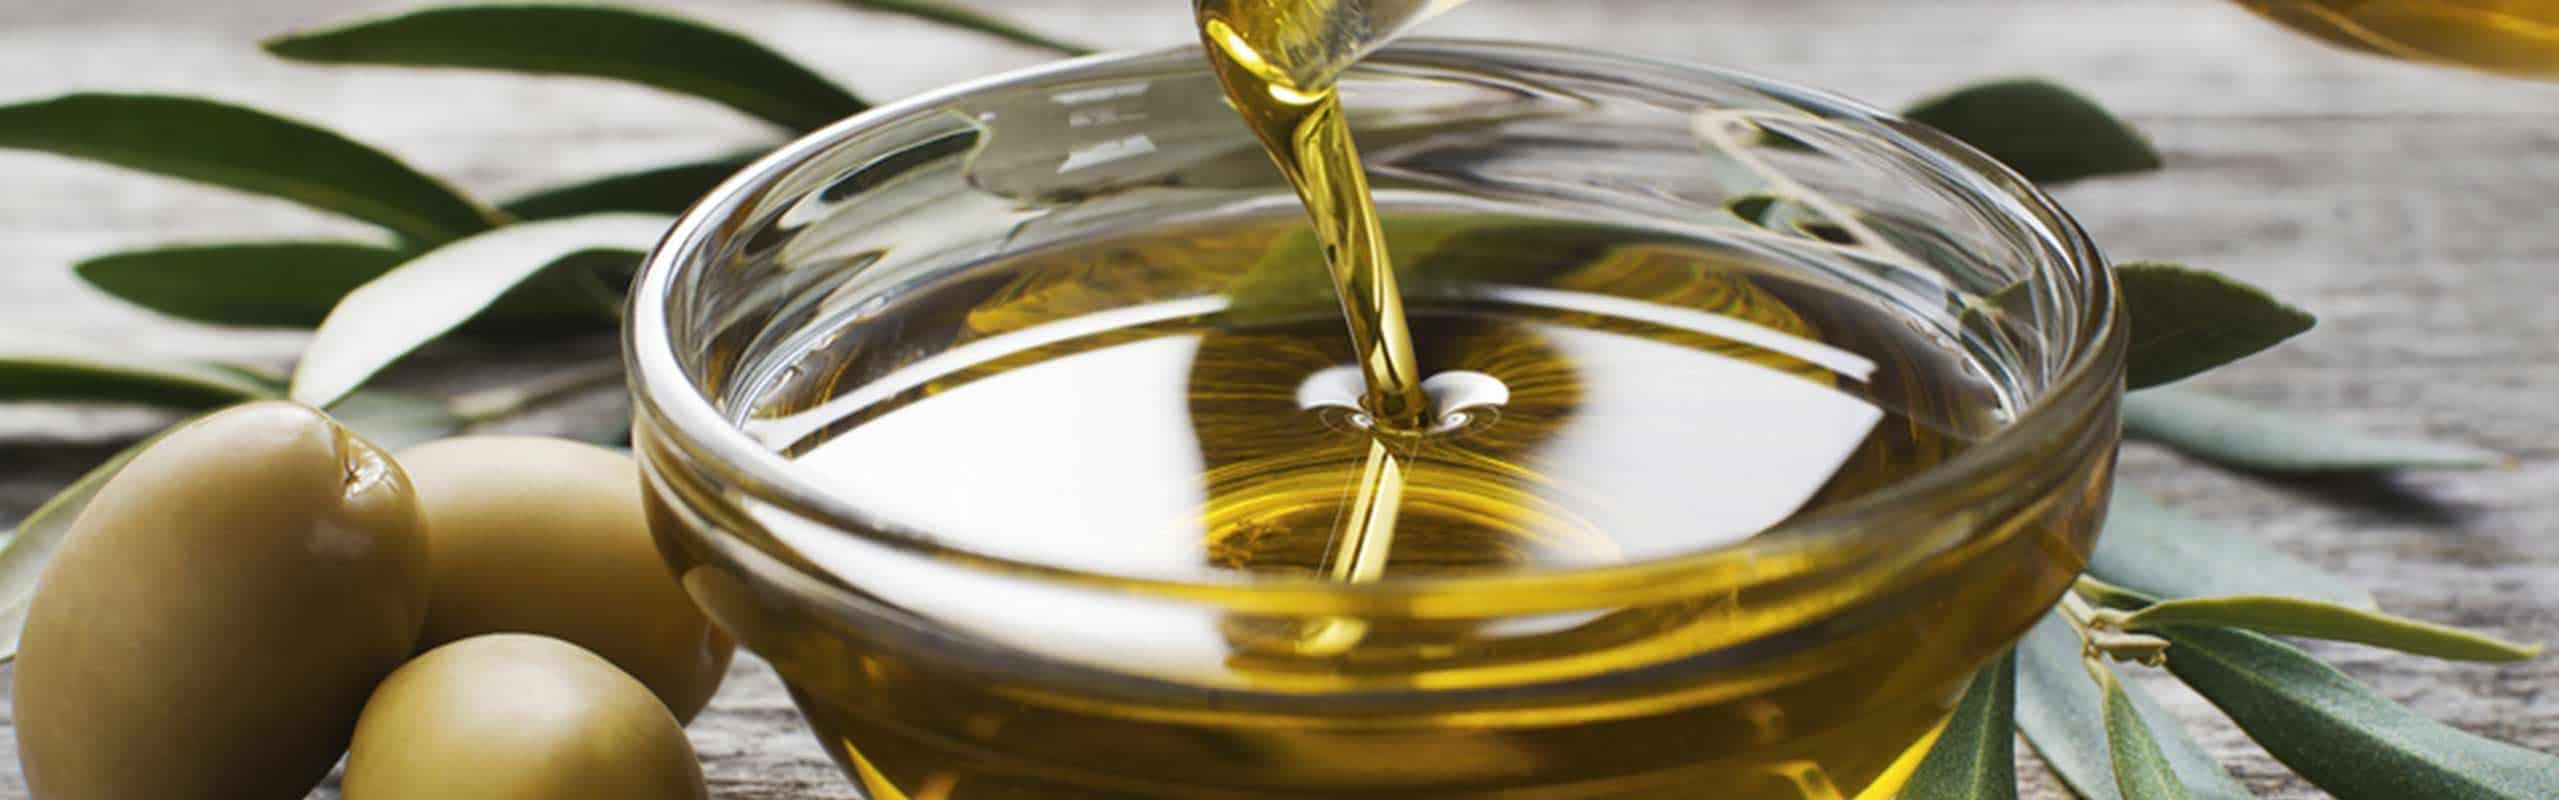 Descubre el Aceite de Oliva Virgen Extra y sus propiedades beneficiosas